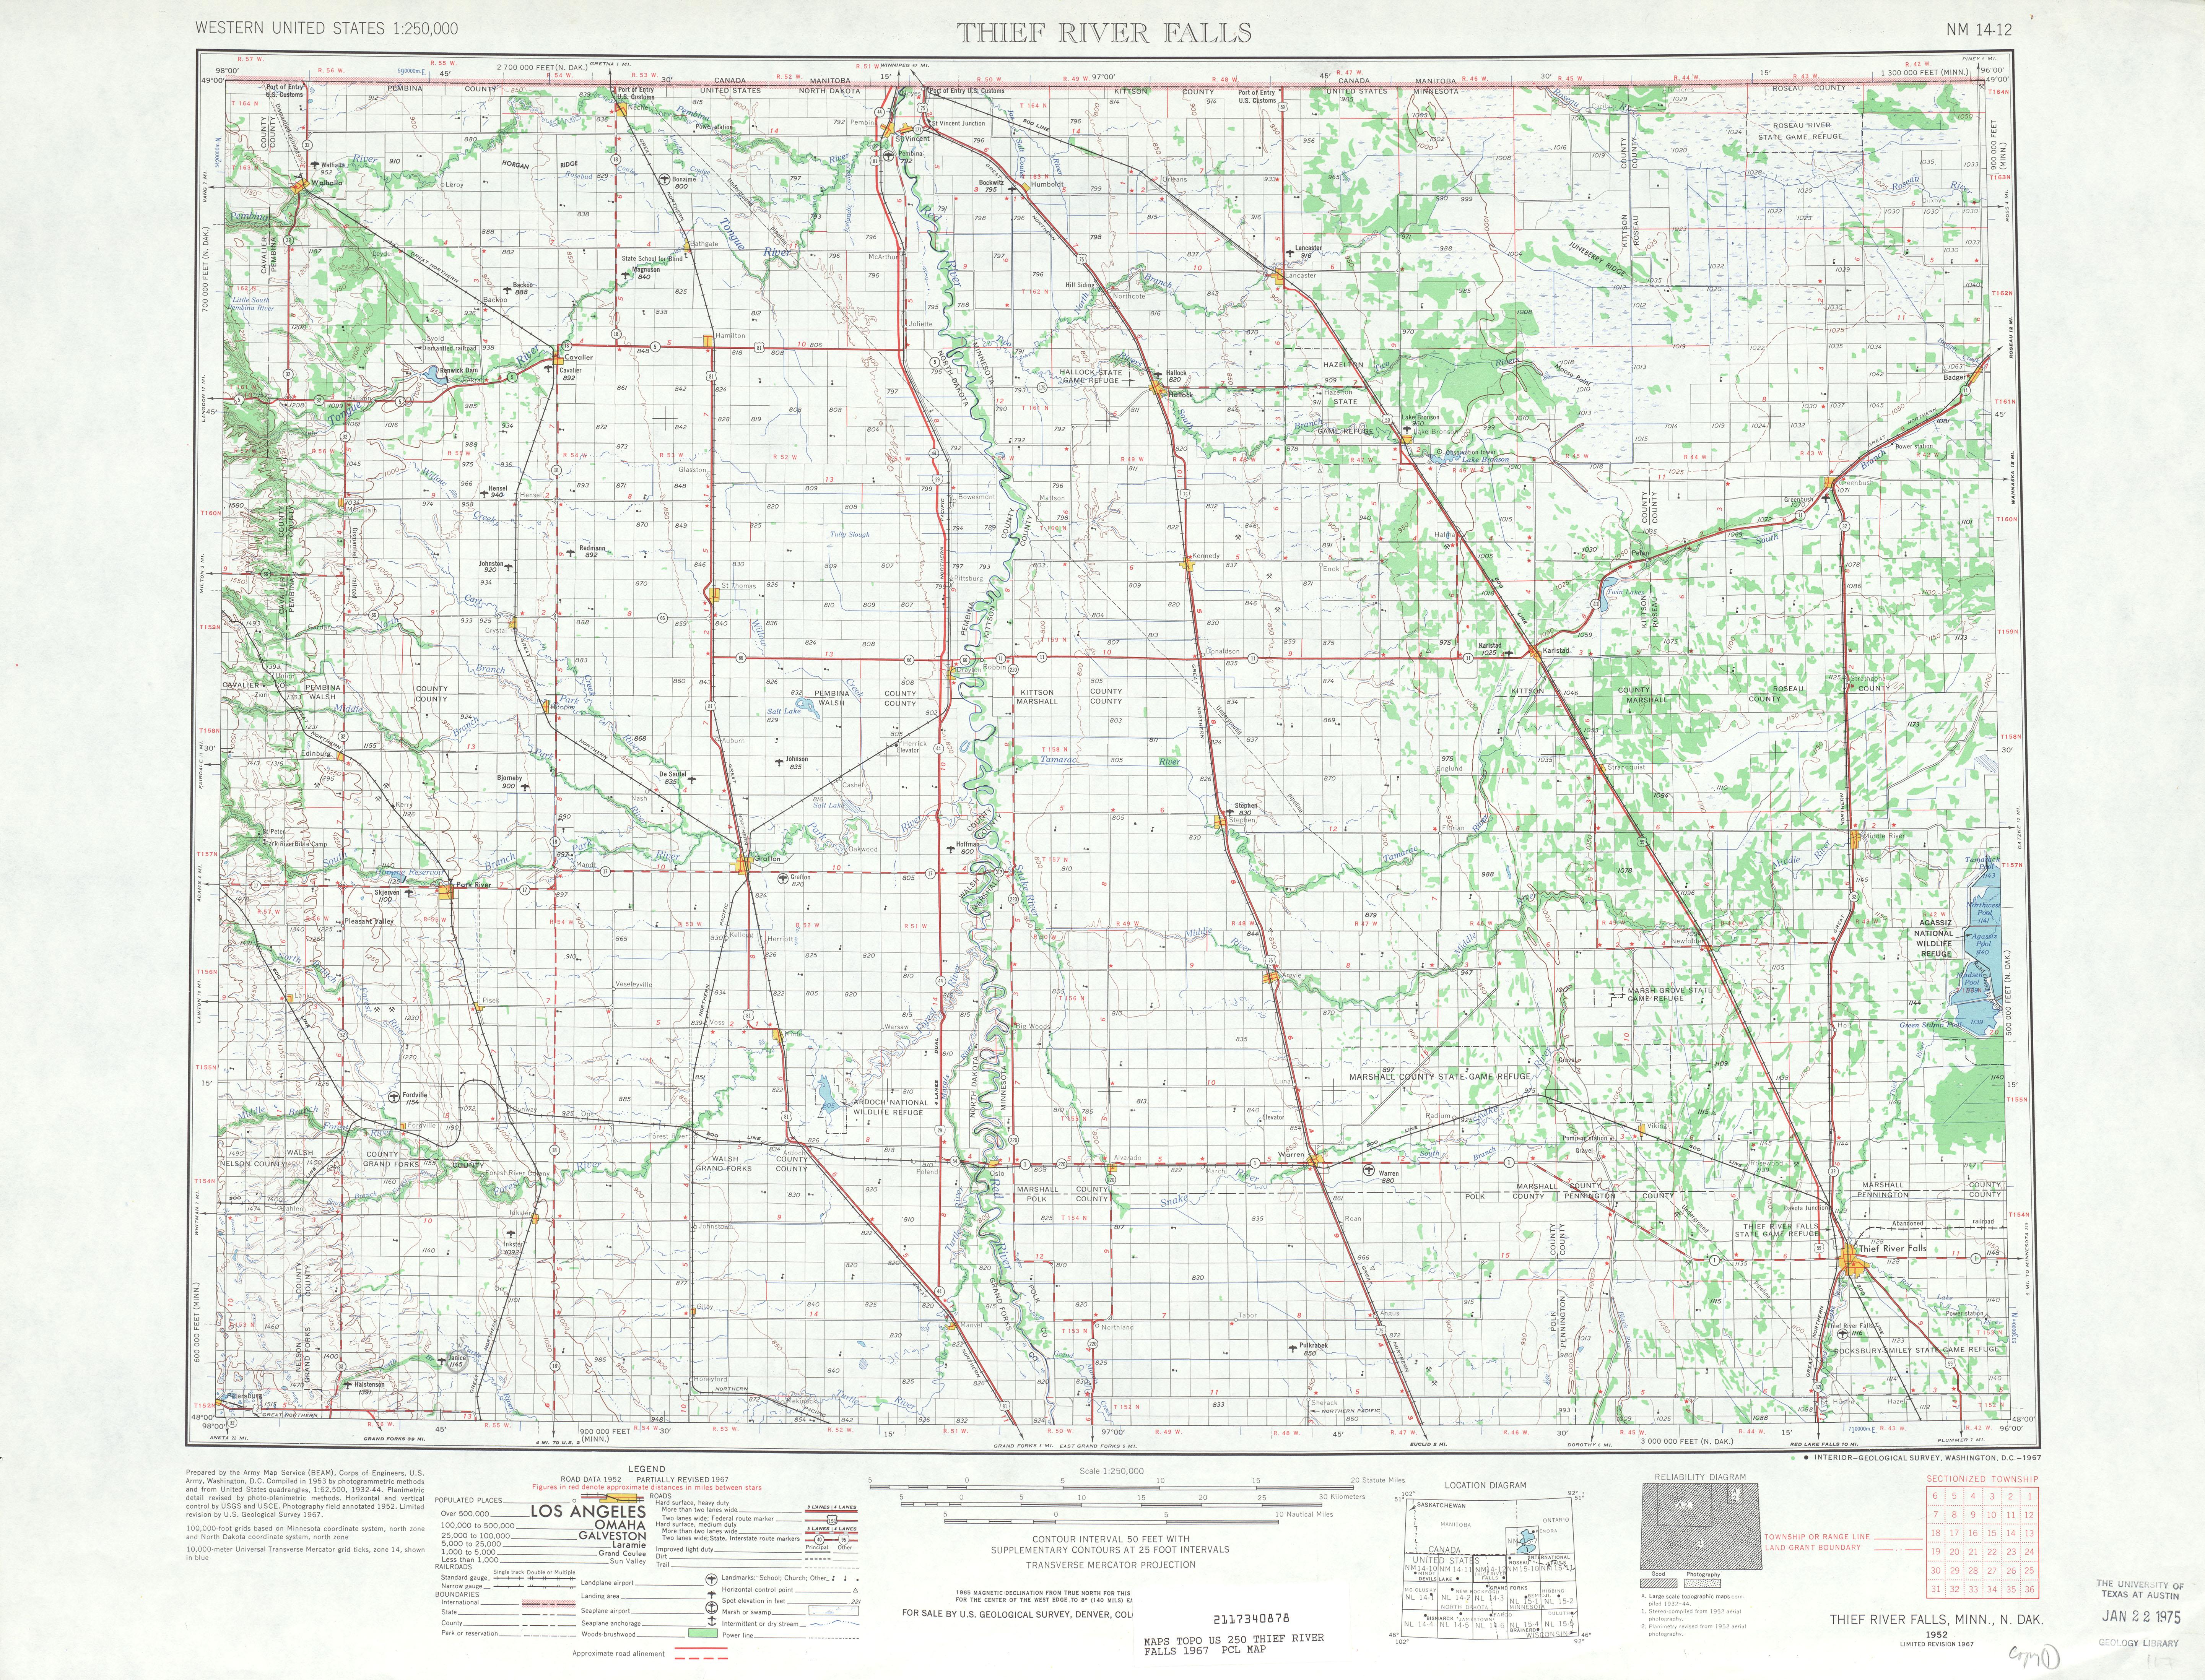 Hoja Thief River Falls del Mapa Topográfico de los Estados Unidos 1967